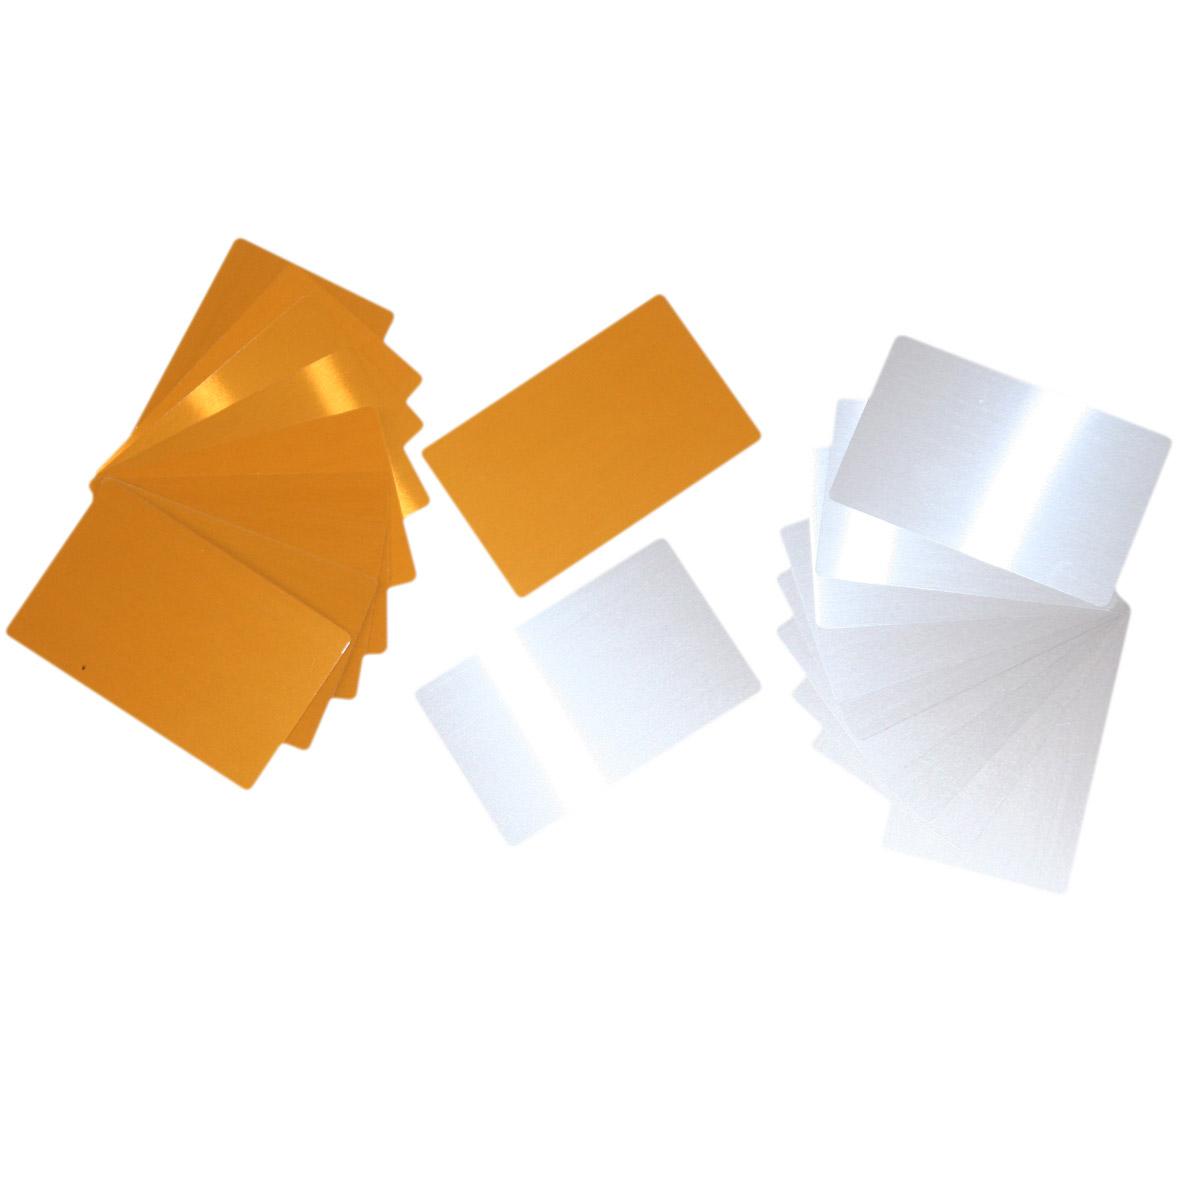 Wizytówki aluminiowe do sublimacji - 100 sztuk